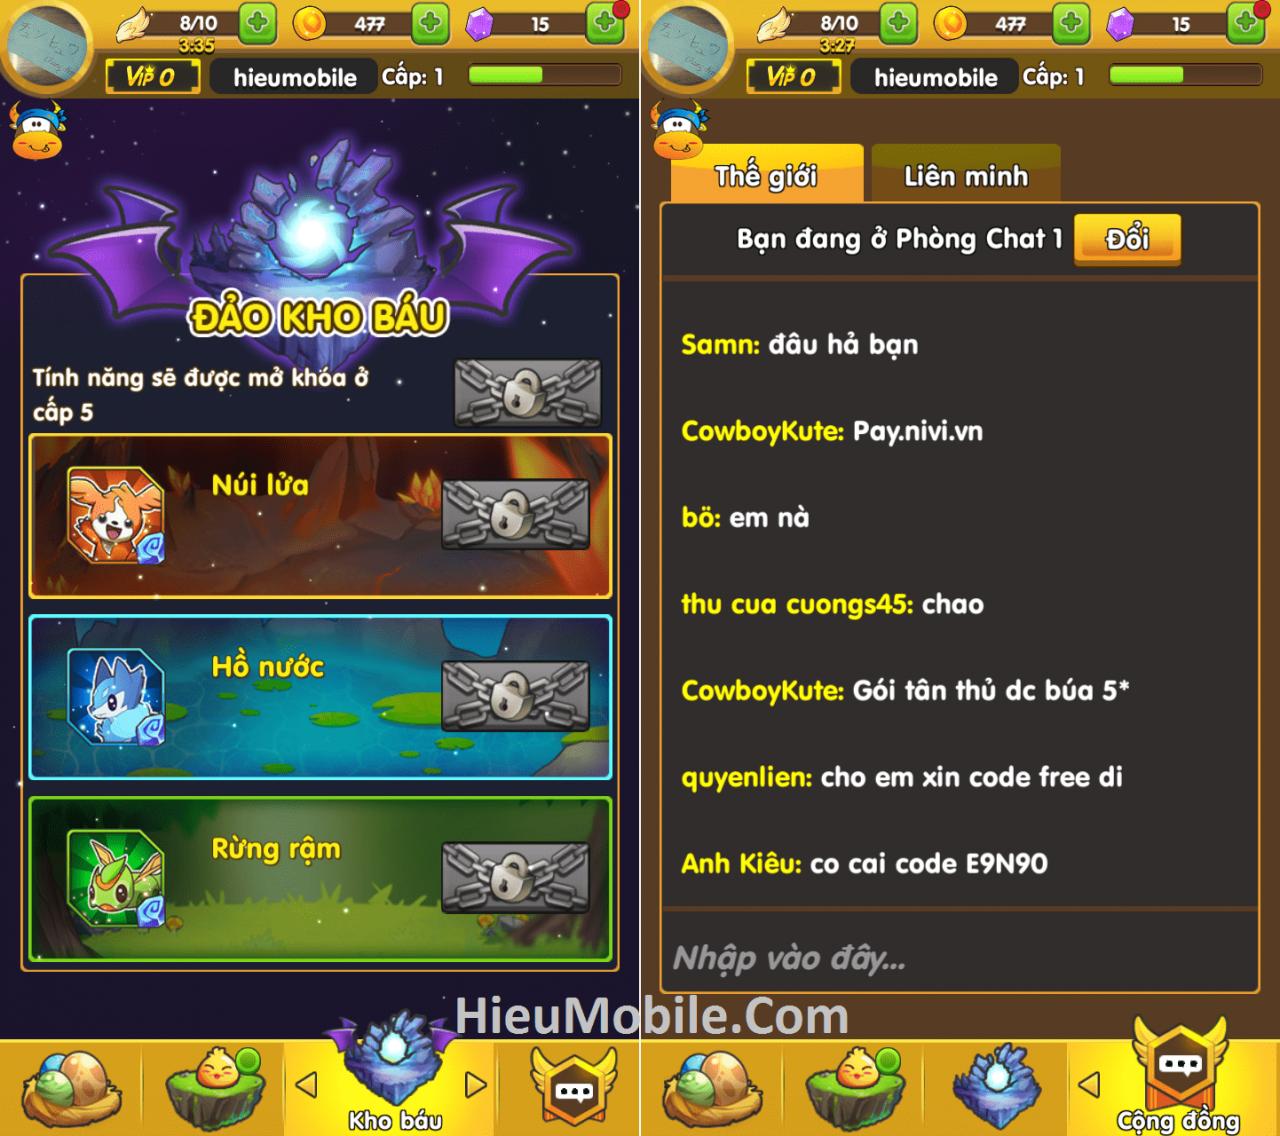 Hình ảnh MlFTTOH của Tải game Phi Đội Mobile - Bay bắn thú cưng hấp dẫn tại HieuMobile